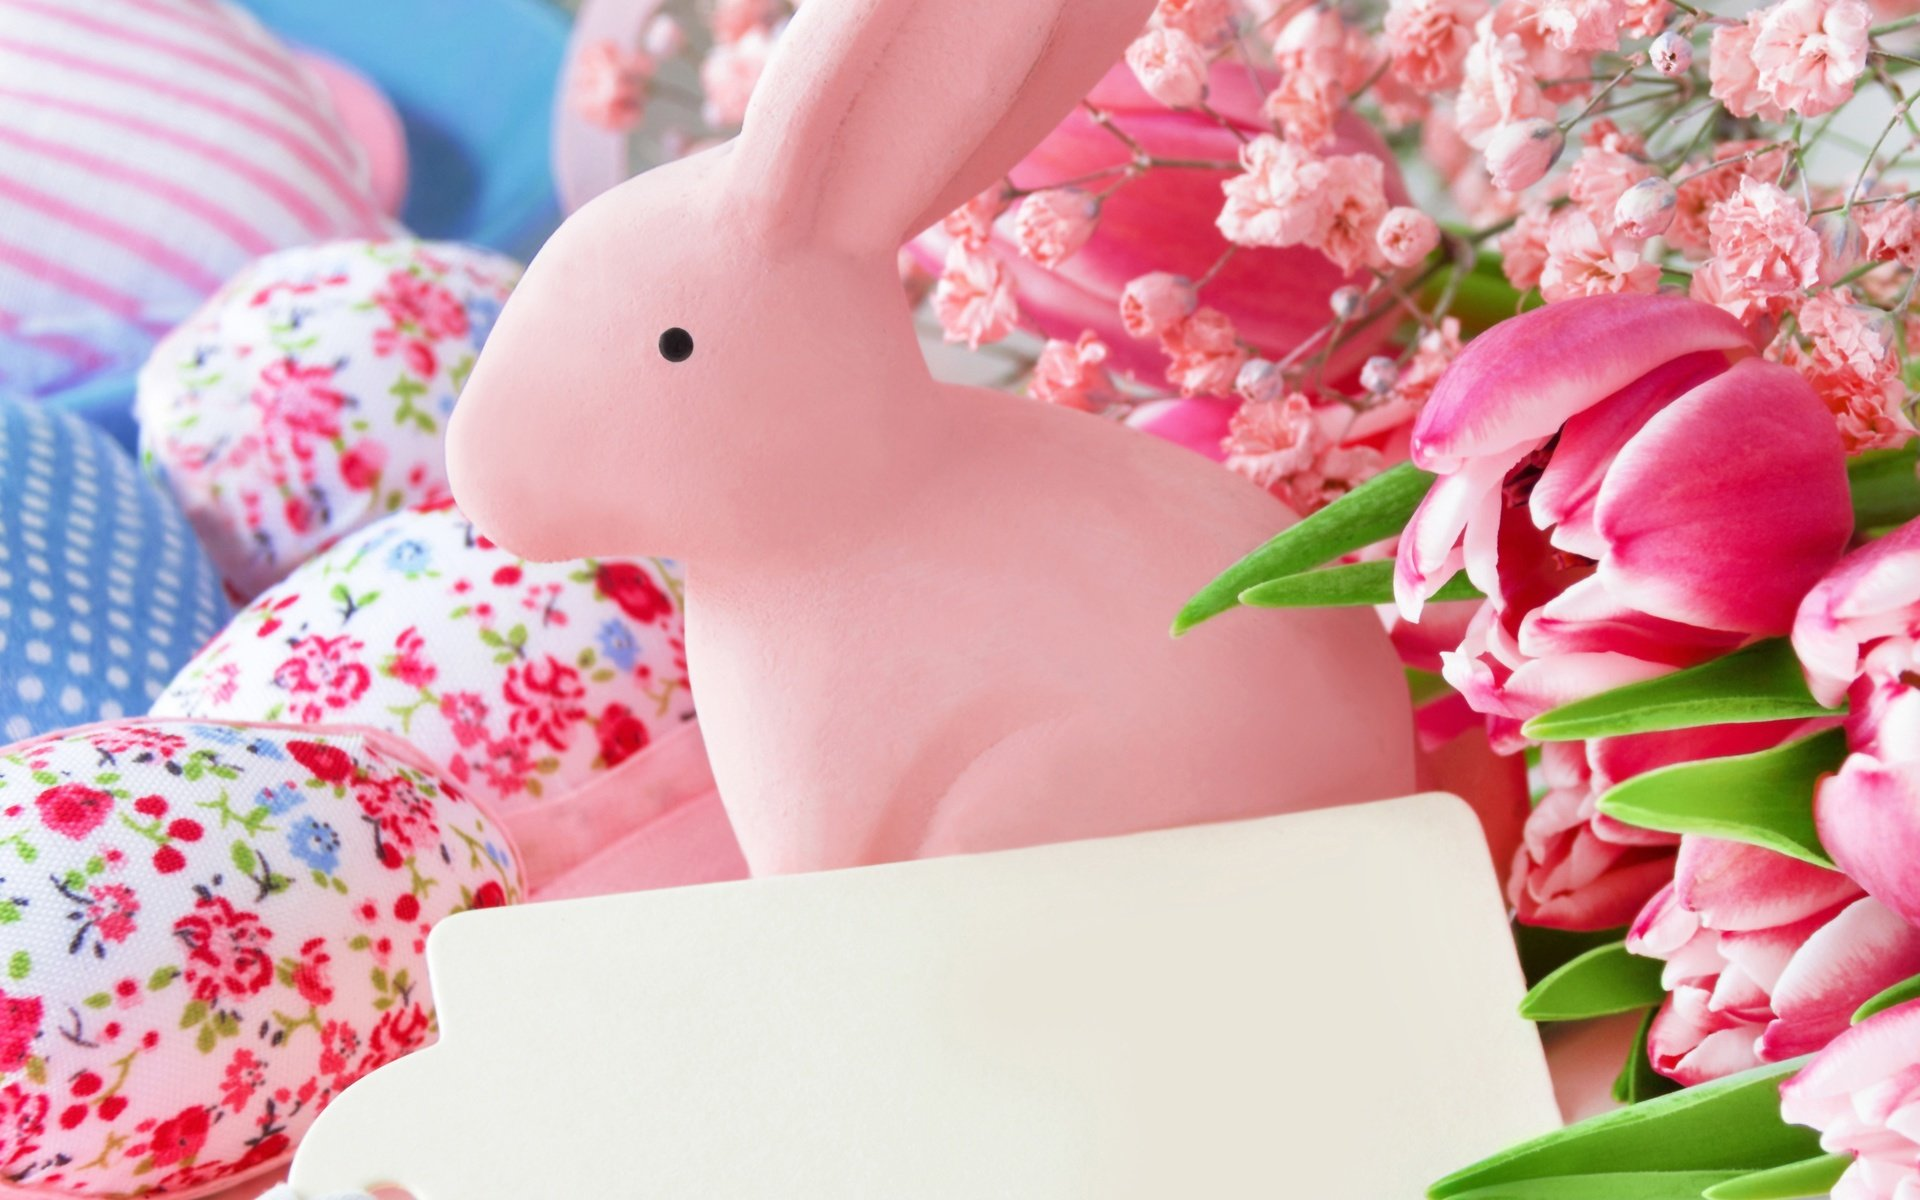 кролик с тюльпанами  № 1144587 загрузить